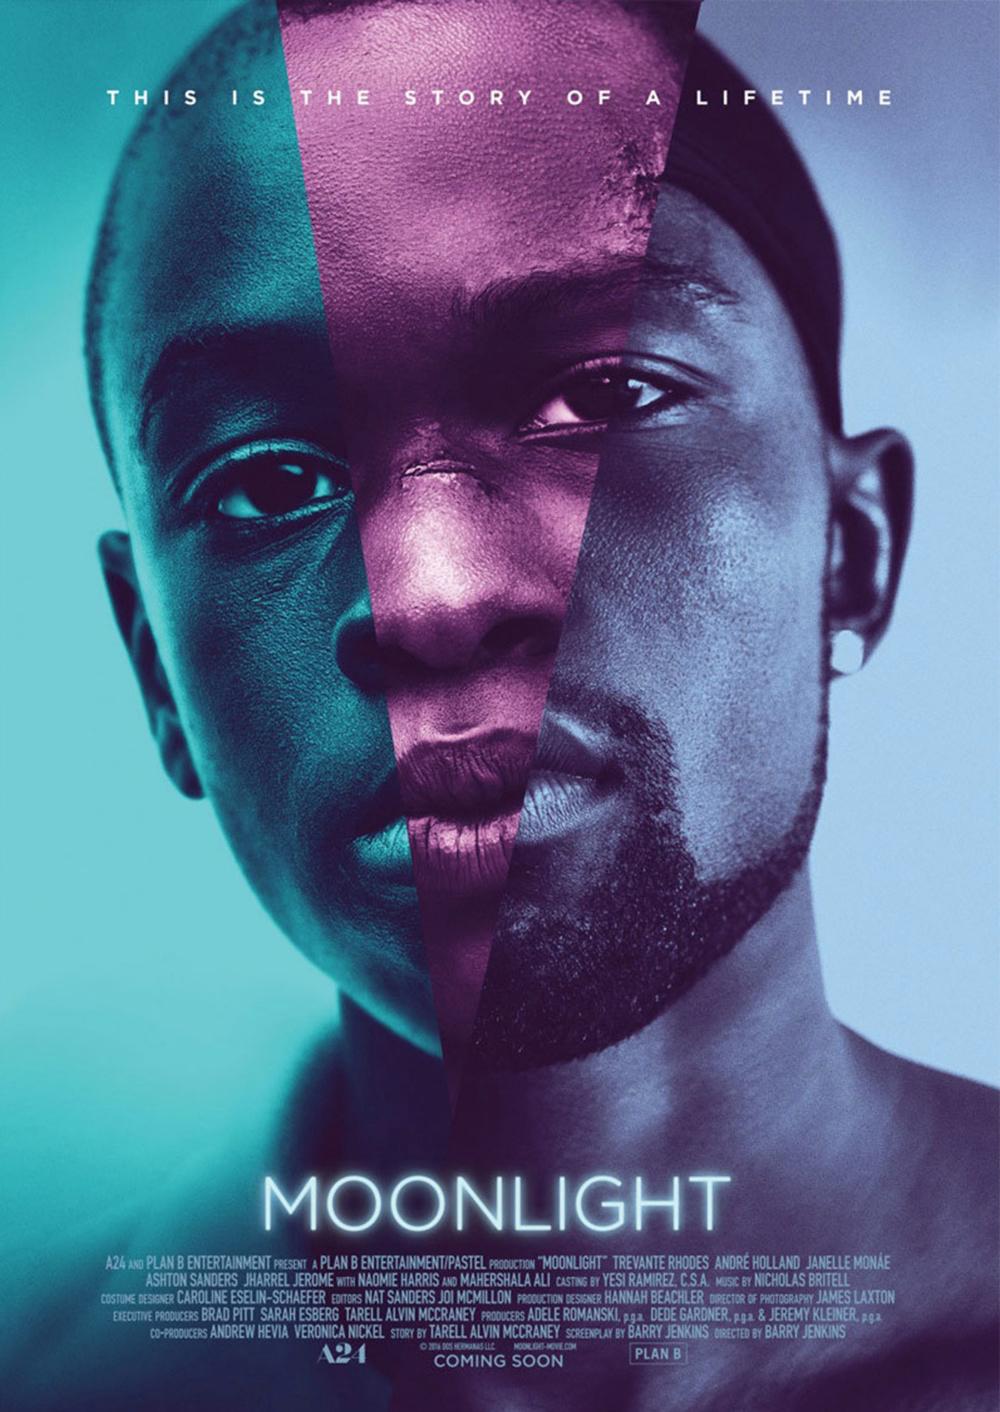 秀逸な映画のポスター